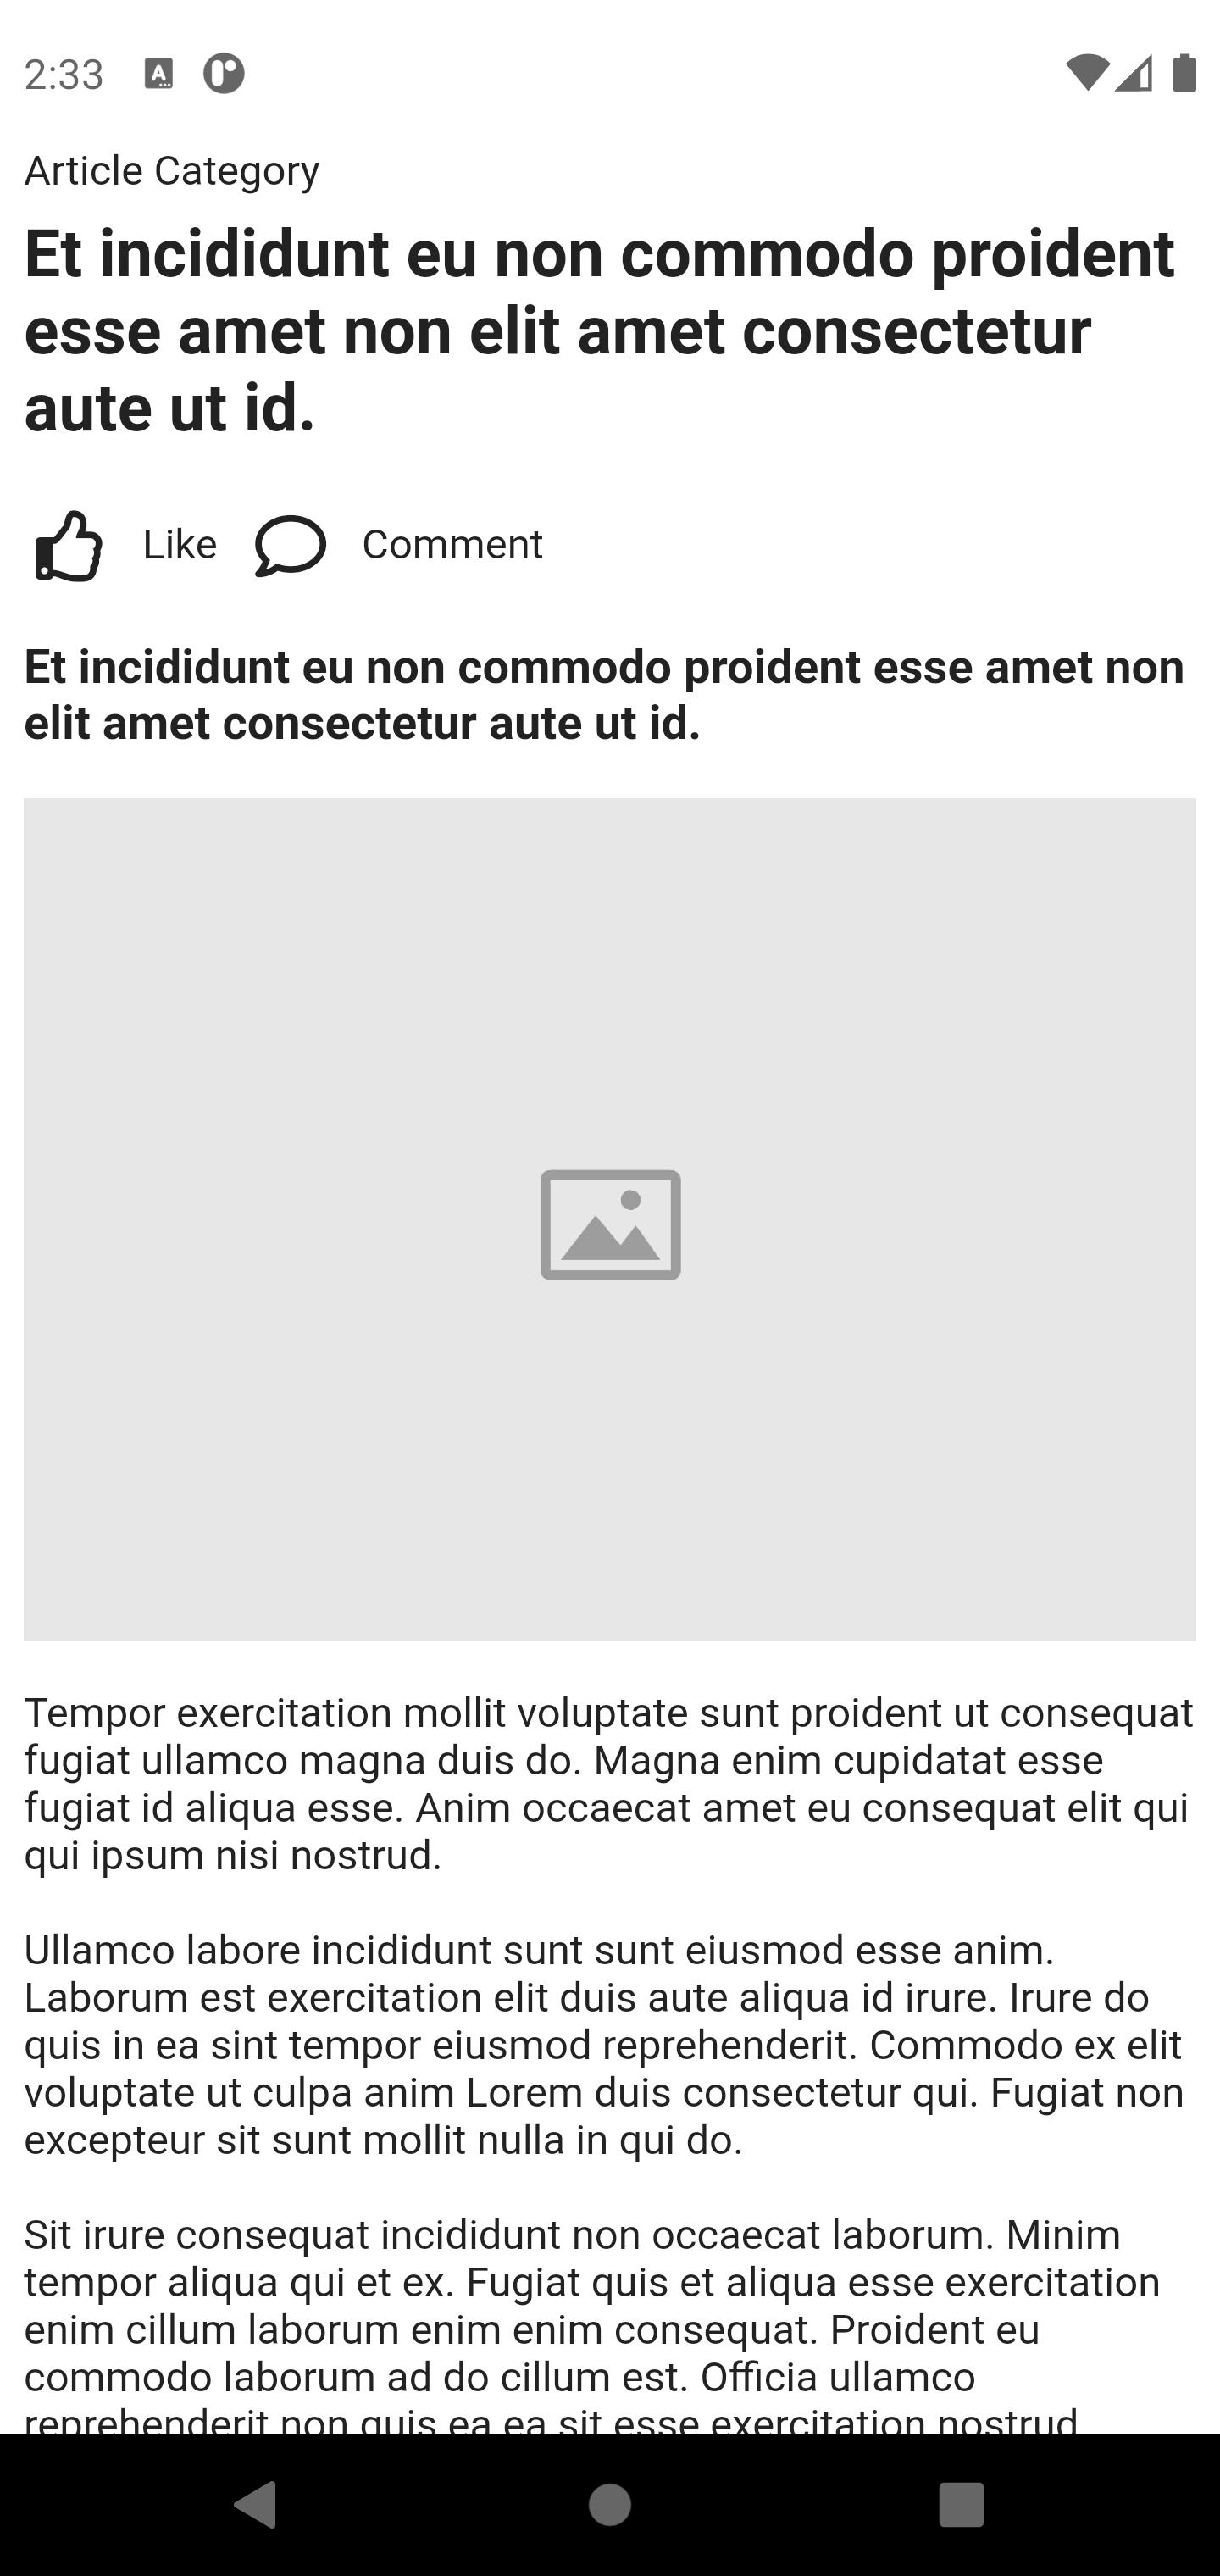 Flutter UI Kits for mobile, tablet, desktop and web